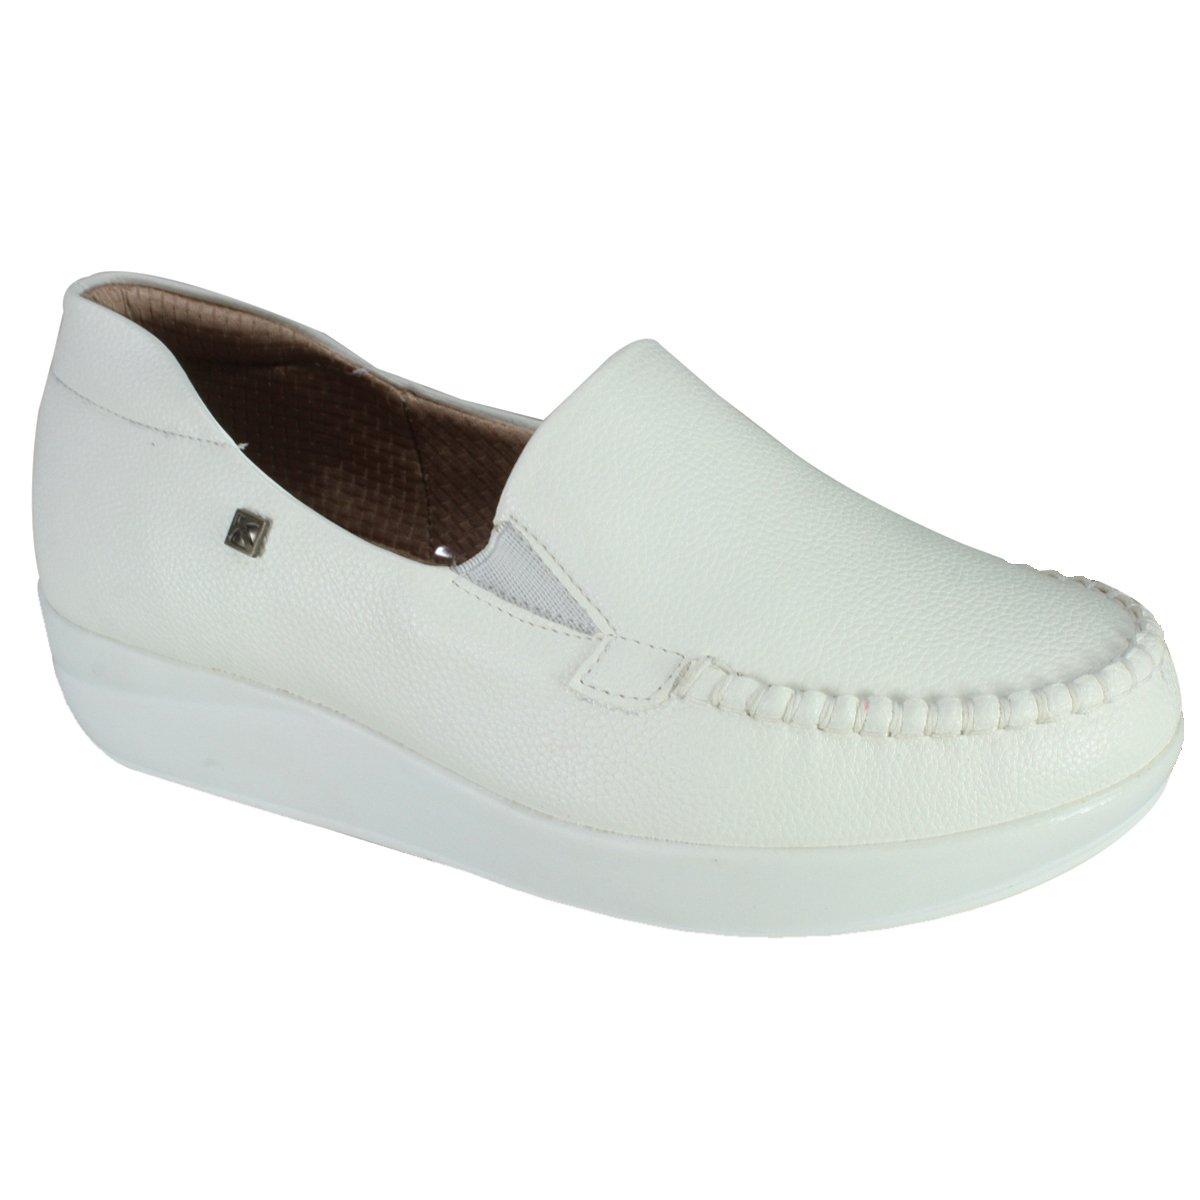 04c6341a8 Sapato Piccadilly Feminino 214019 - Branco (Relax) - Calçados Online ...